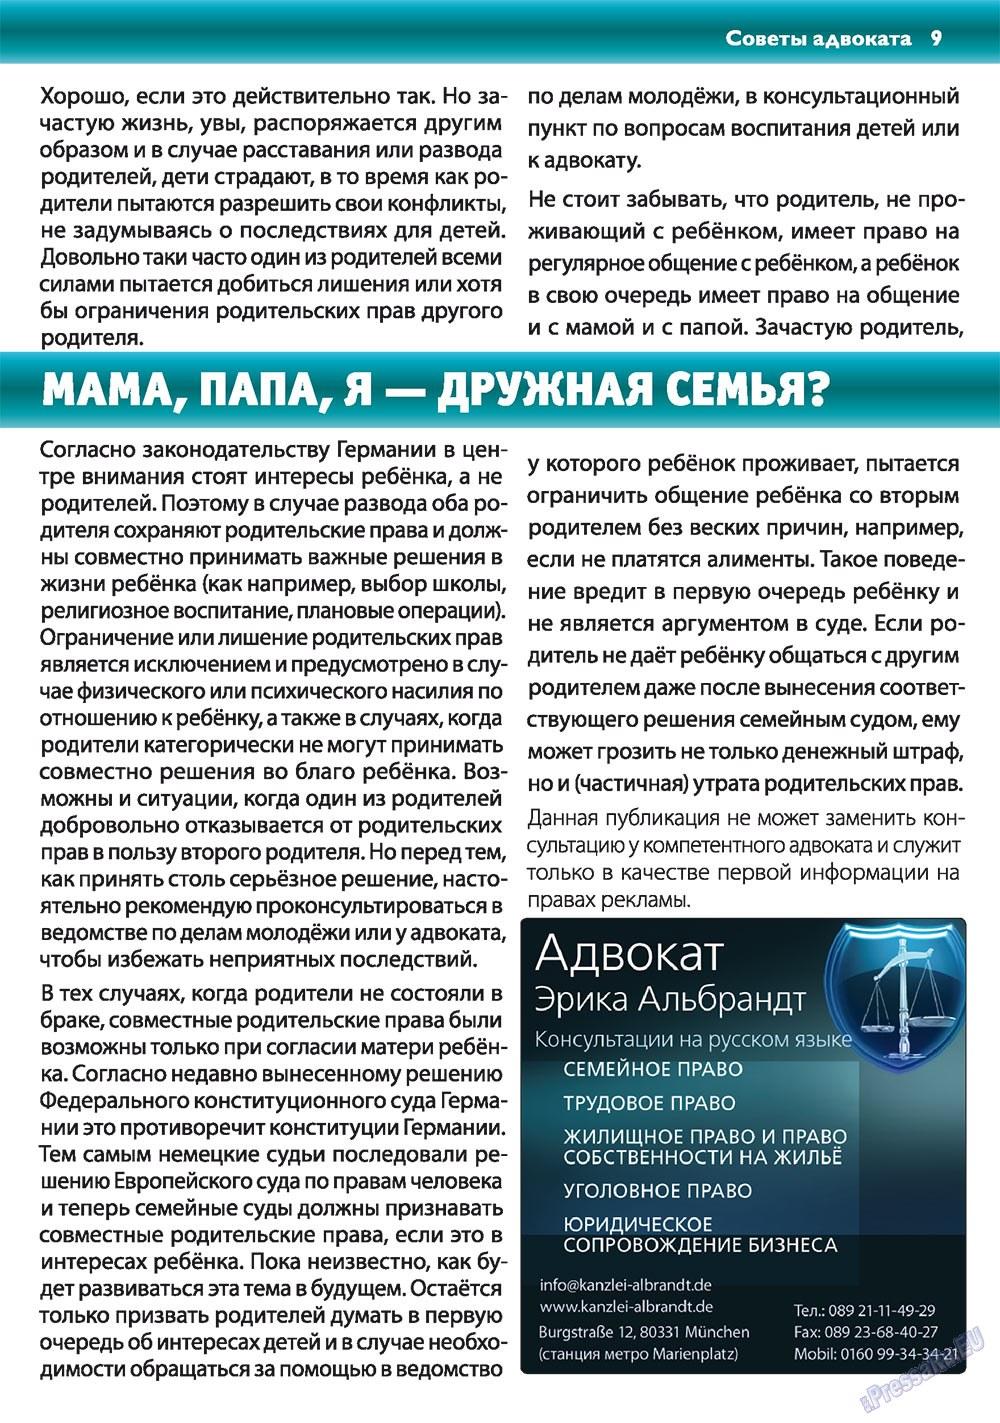 Апельсин (журнал). 2010 год, номер 14, стр. 9